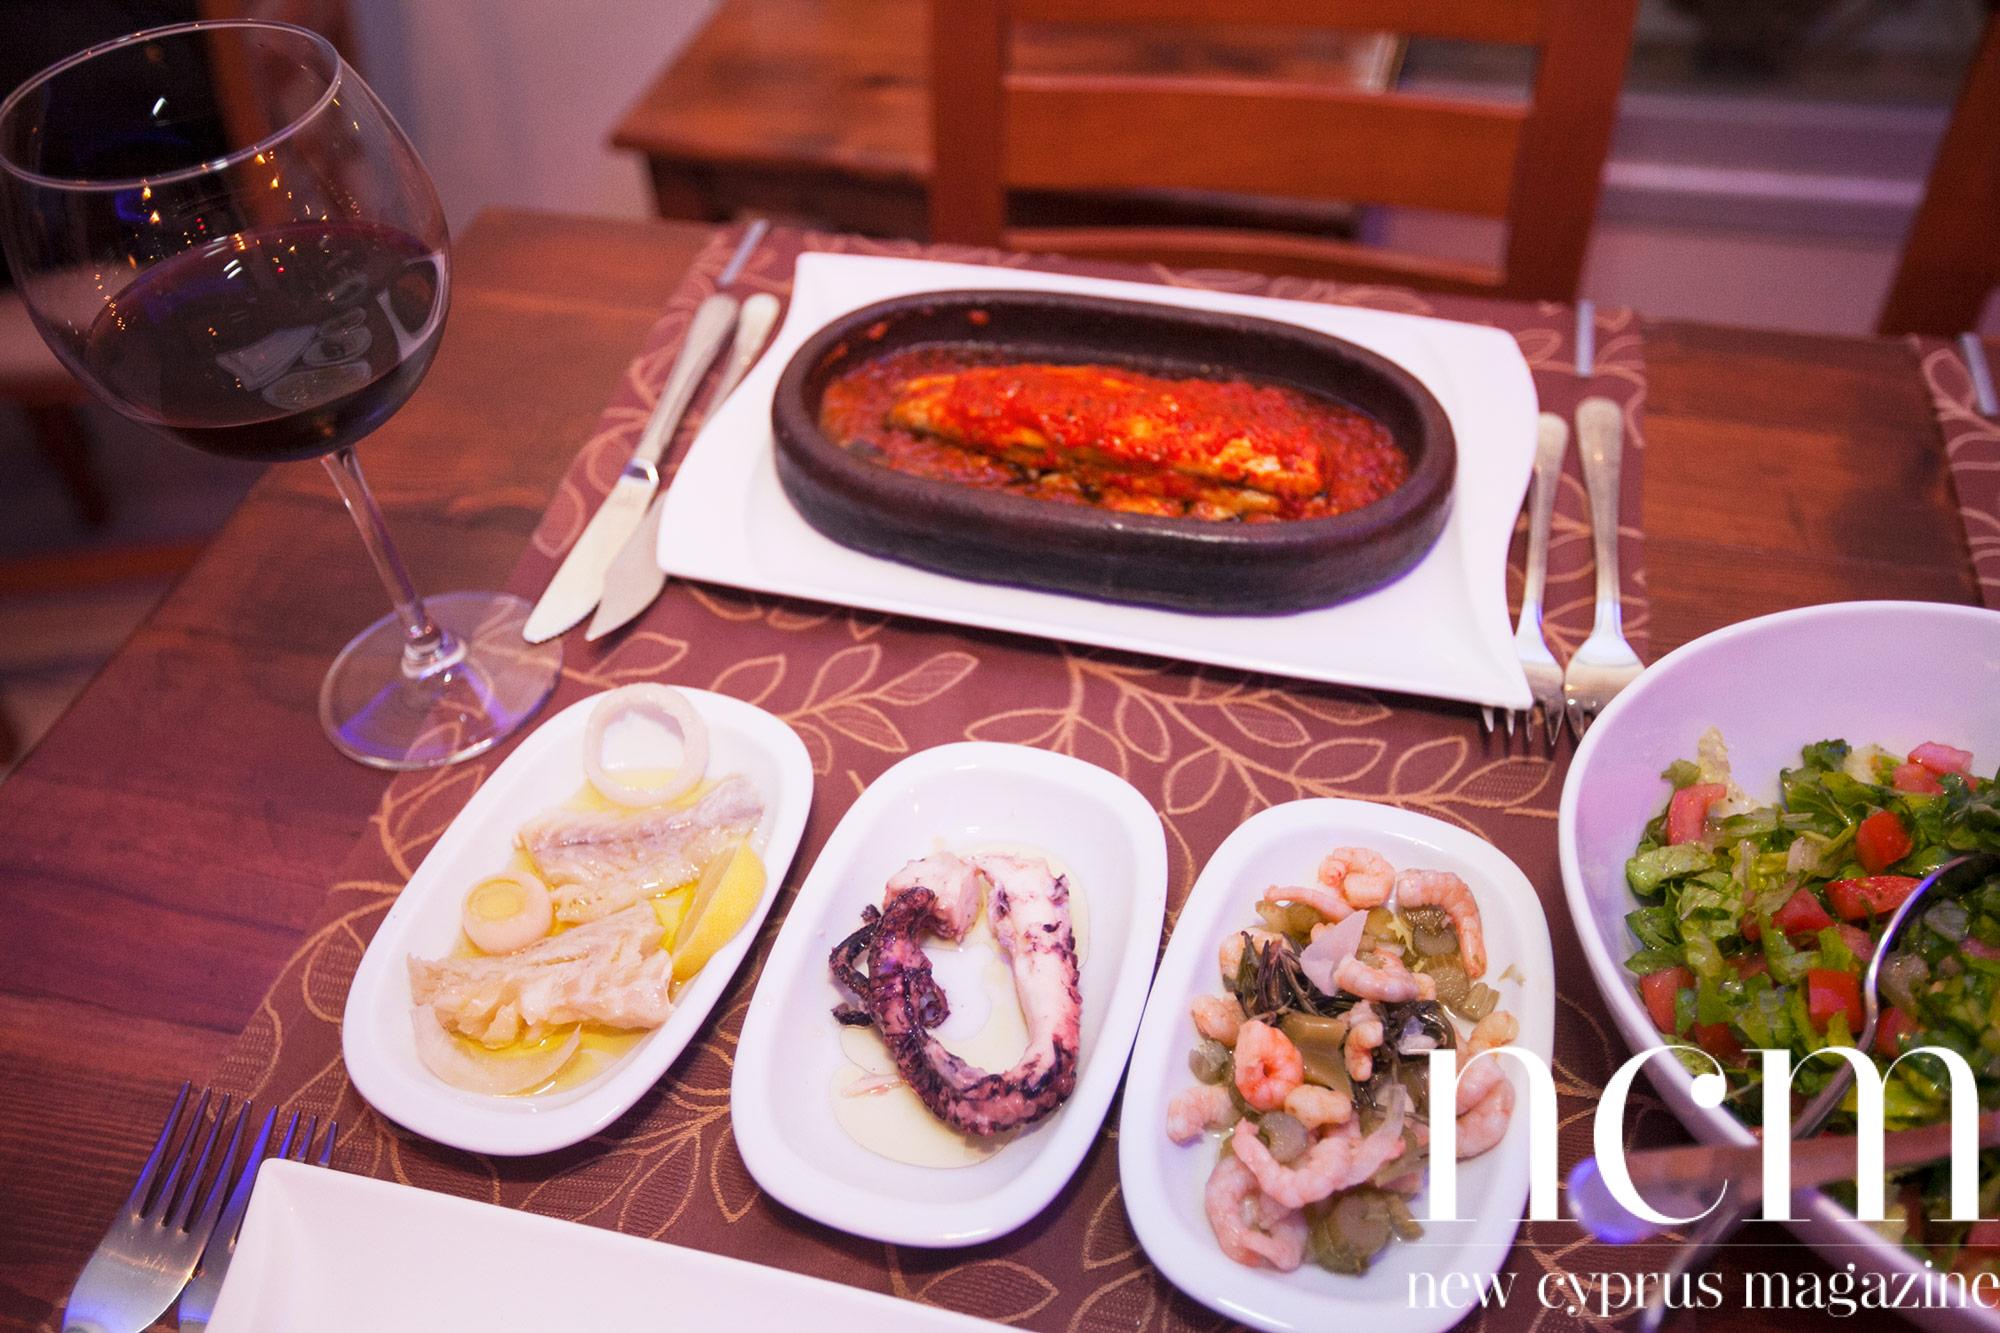 Grida Balık serves seafood delicacies